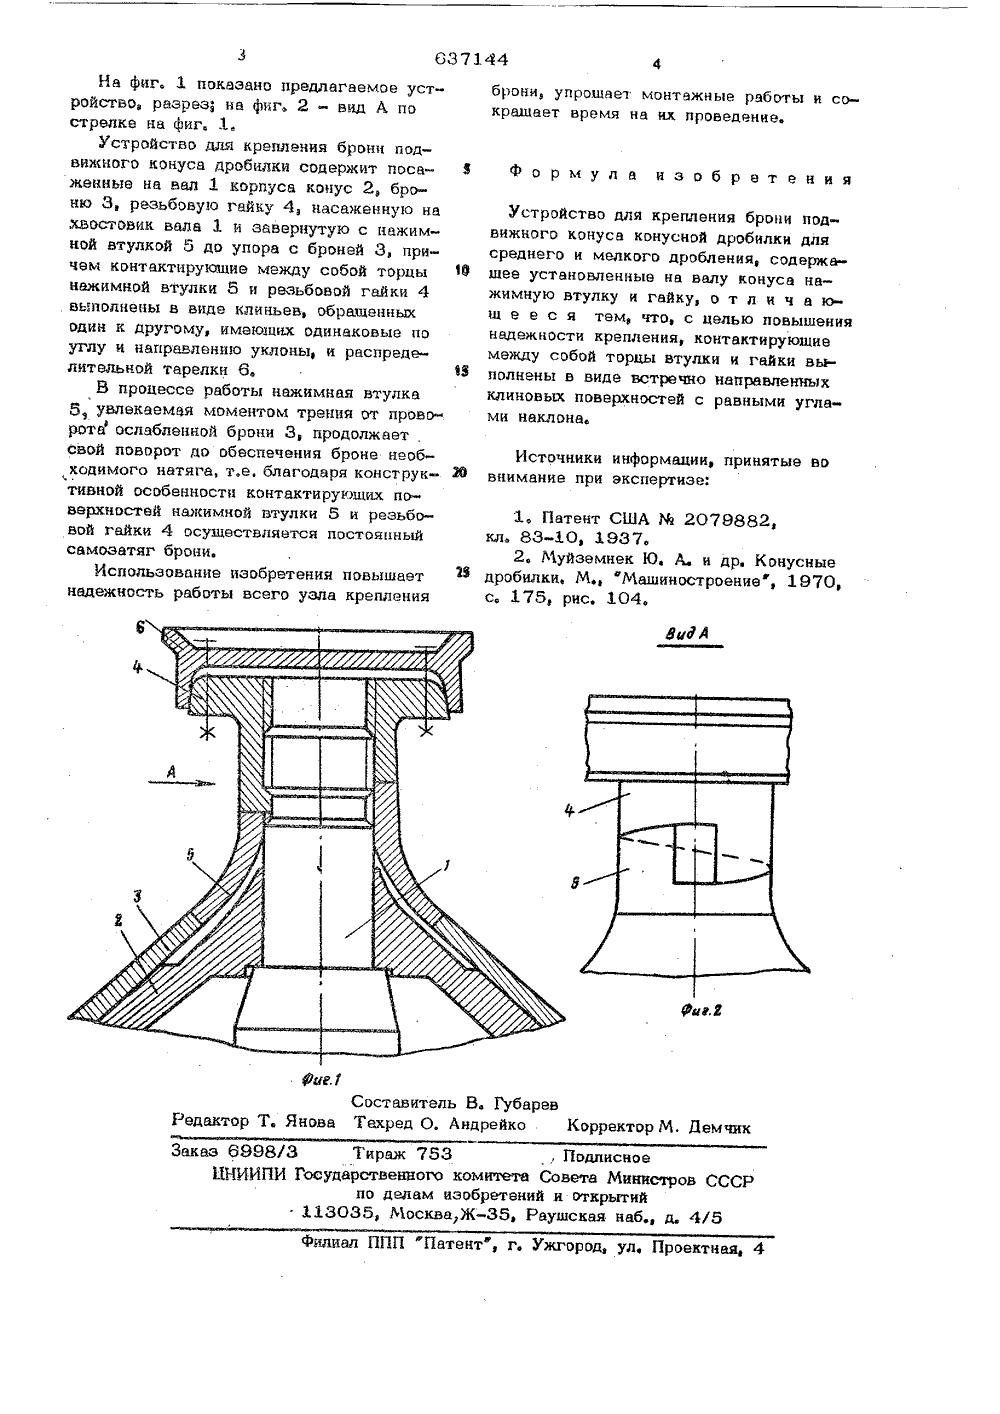 Дробилка кд-2a чертеж питатель шлюзовой ш5 в Белогорск